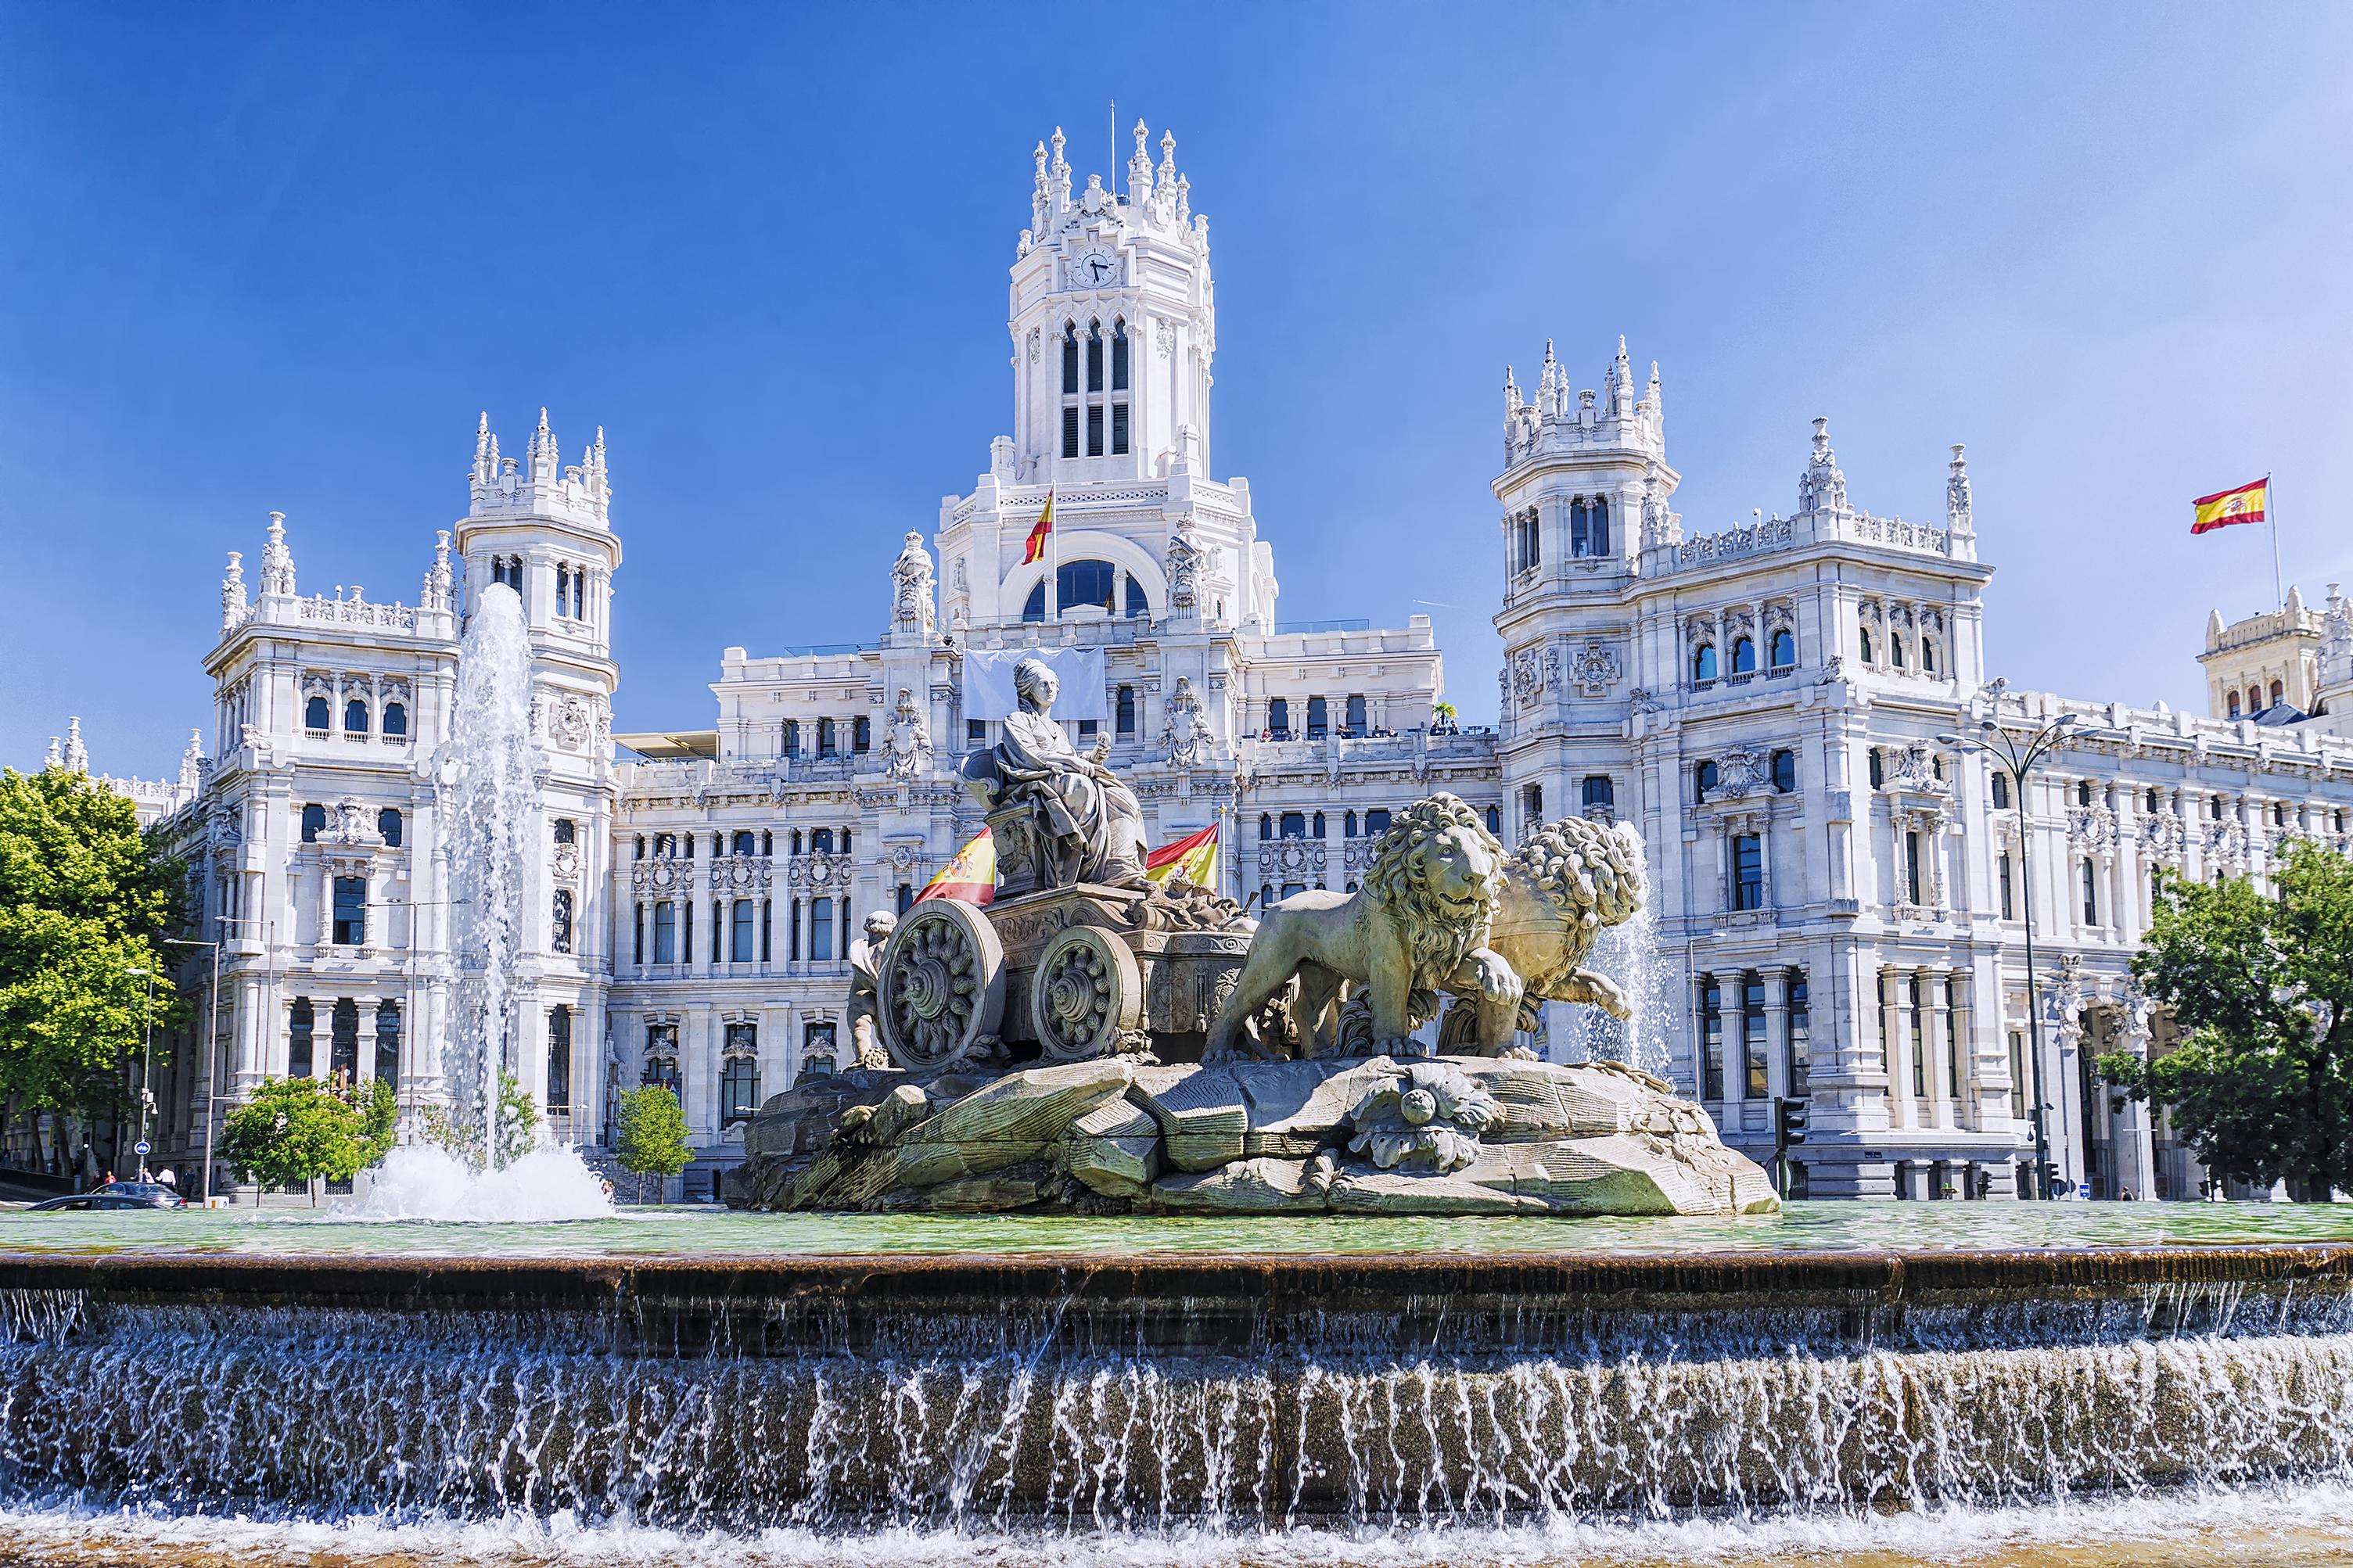 Фонтан Сибелес в Мадриде, столице Испании, ПМЖ которой могут получить иностранцы